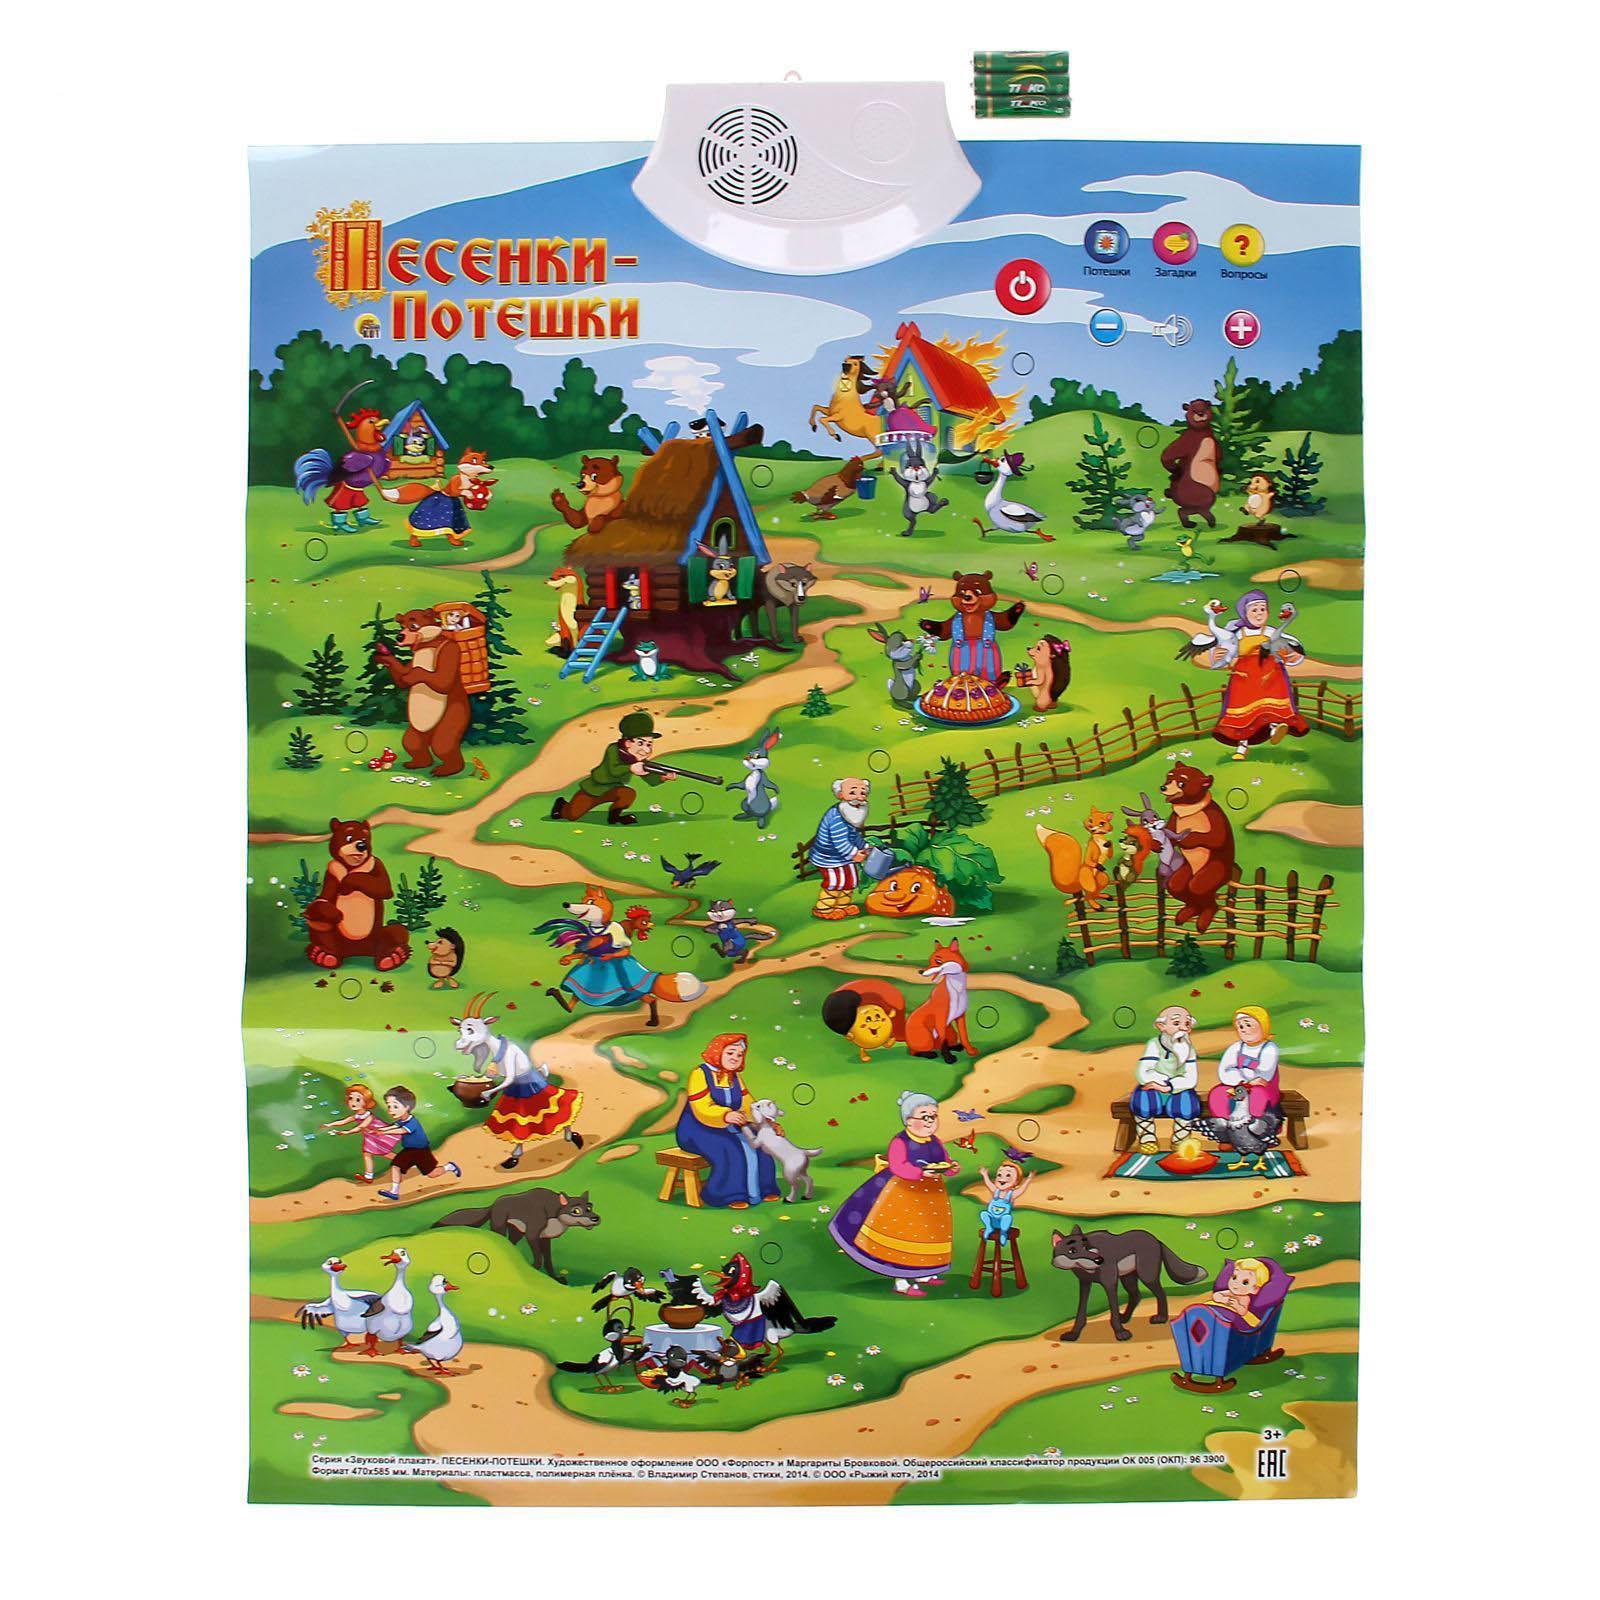 Звуковой плакат – Песенки-потешки - Планшеты, Электронные книги и плакаты, артикул: 158310